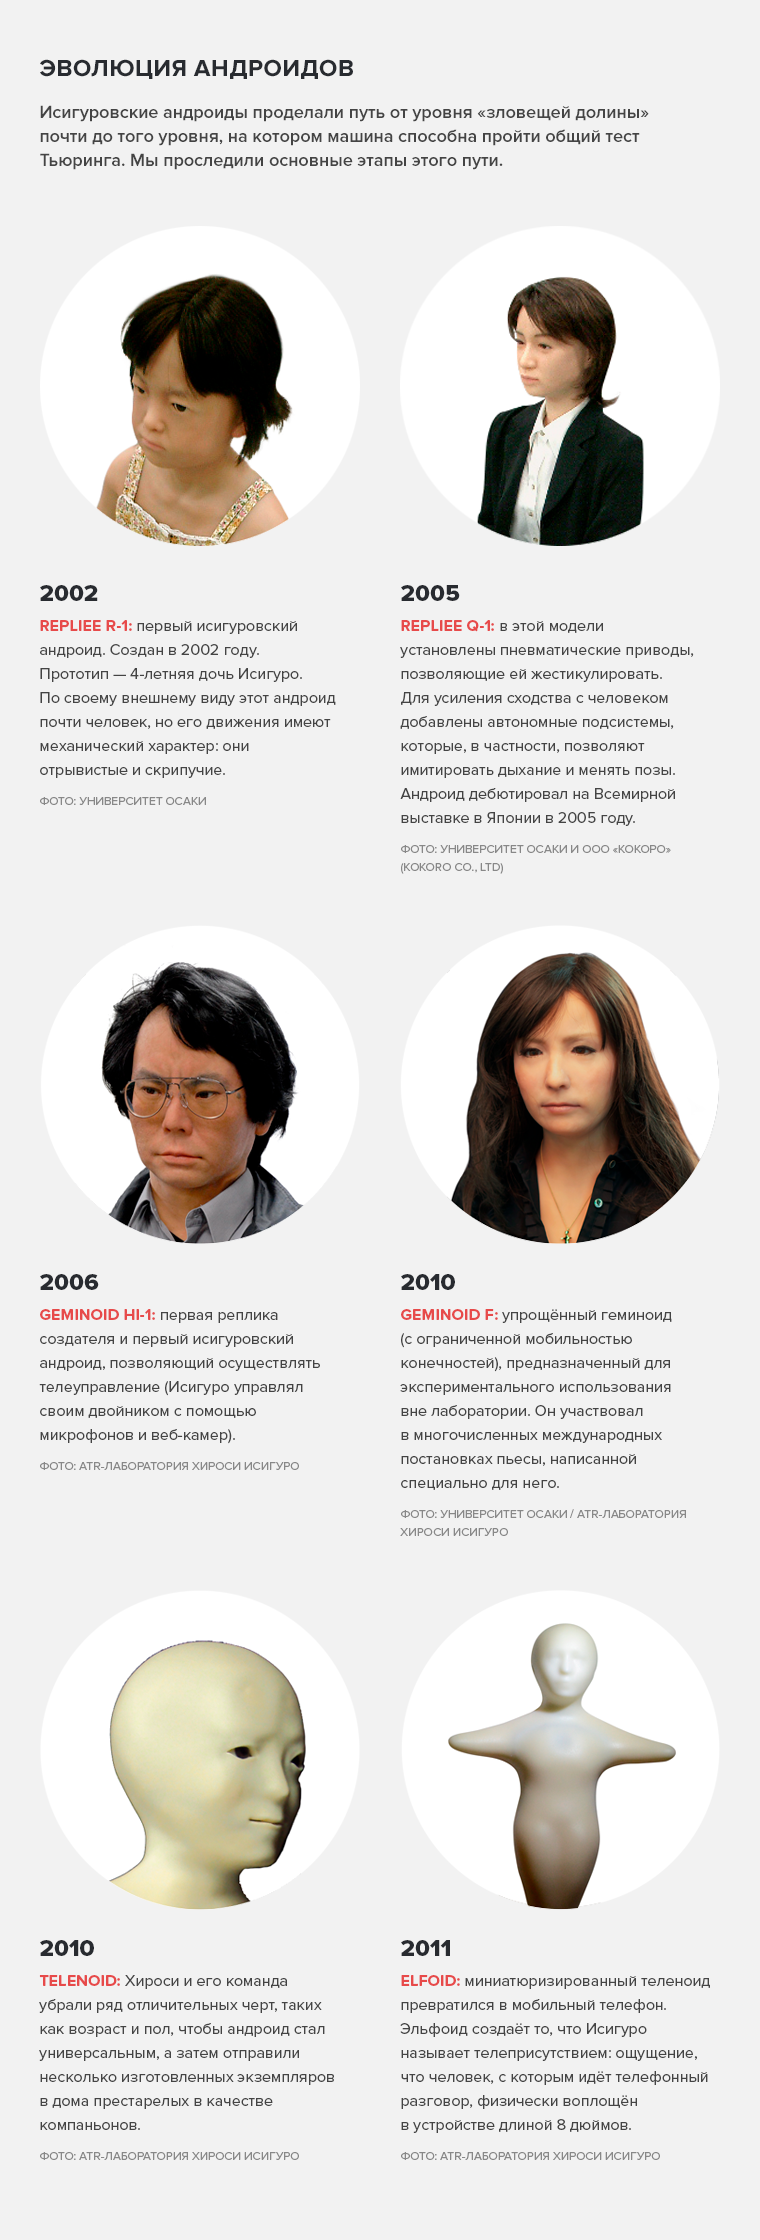 Эволюция андроидов Ишигуро